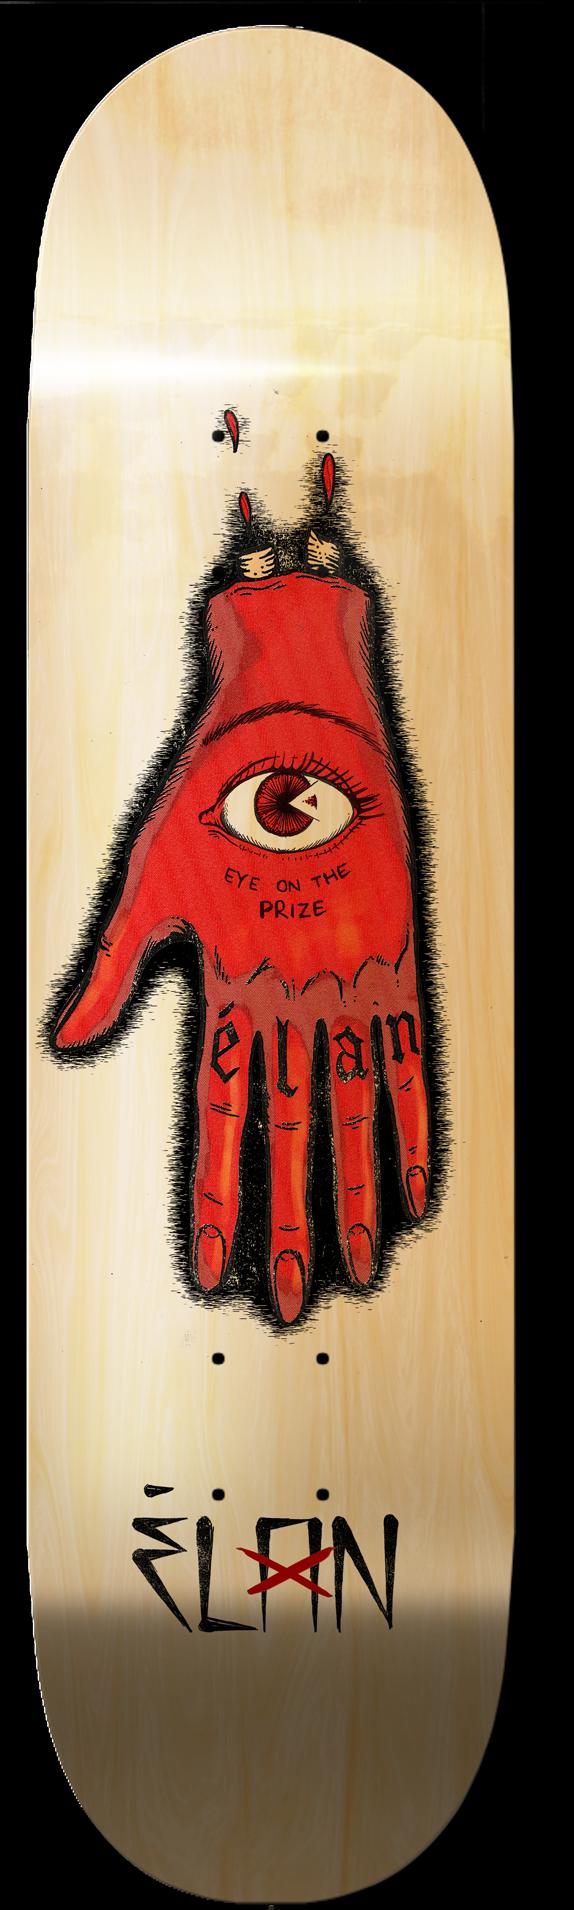 Élan, Hand - Russian Tattoo Series